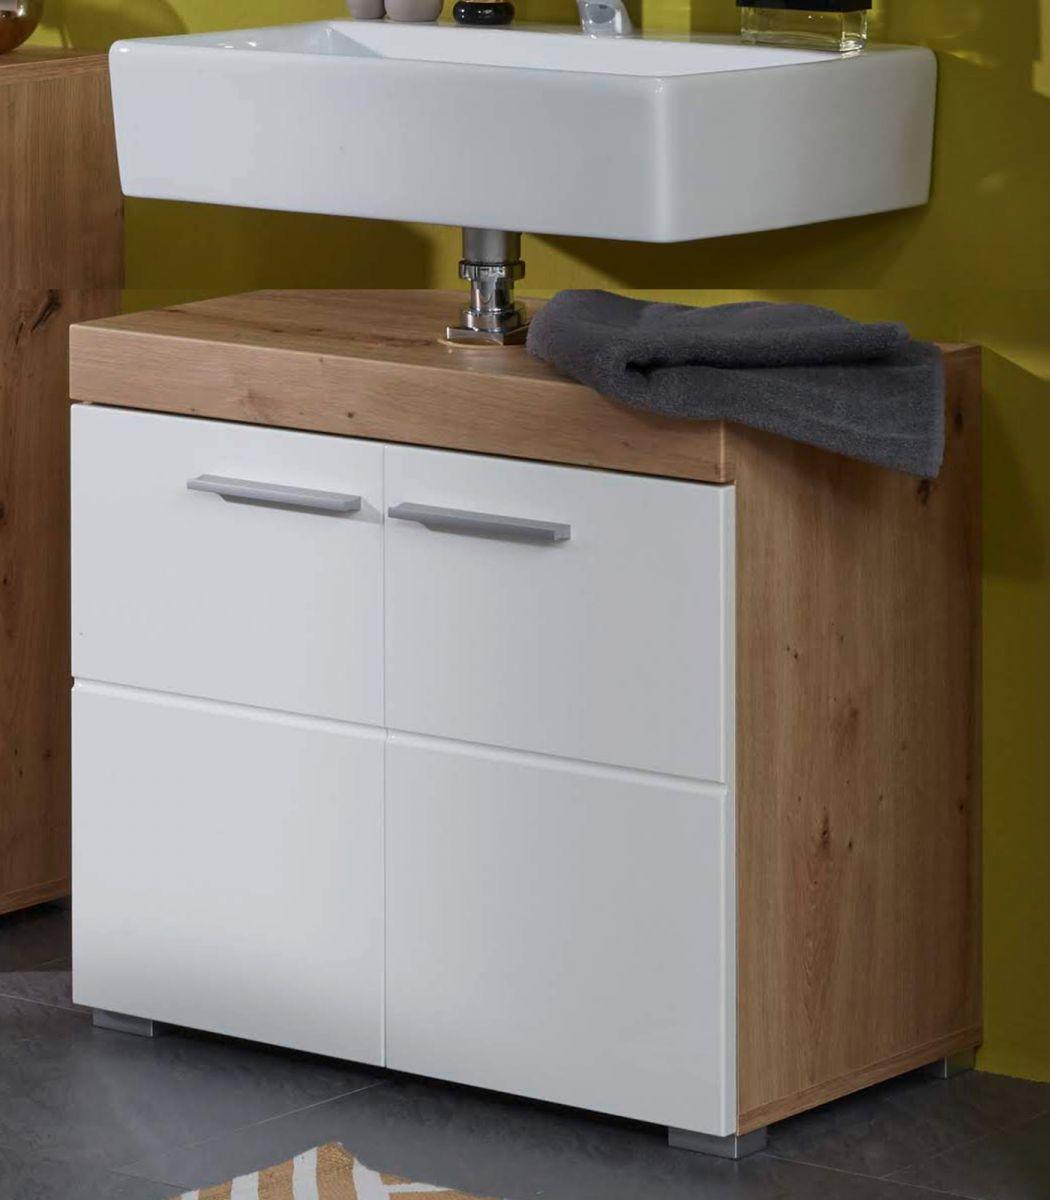 Waschbeckenunterschrank Amanda Hochglanz weiss und Eiche 60 cm